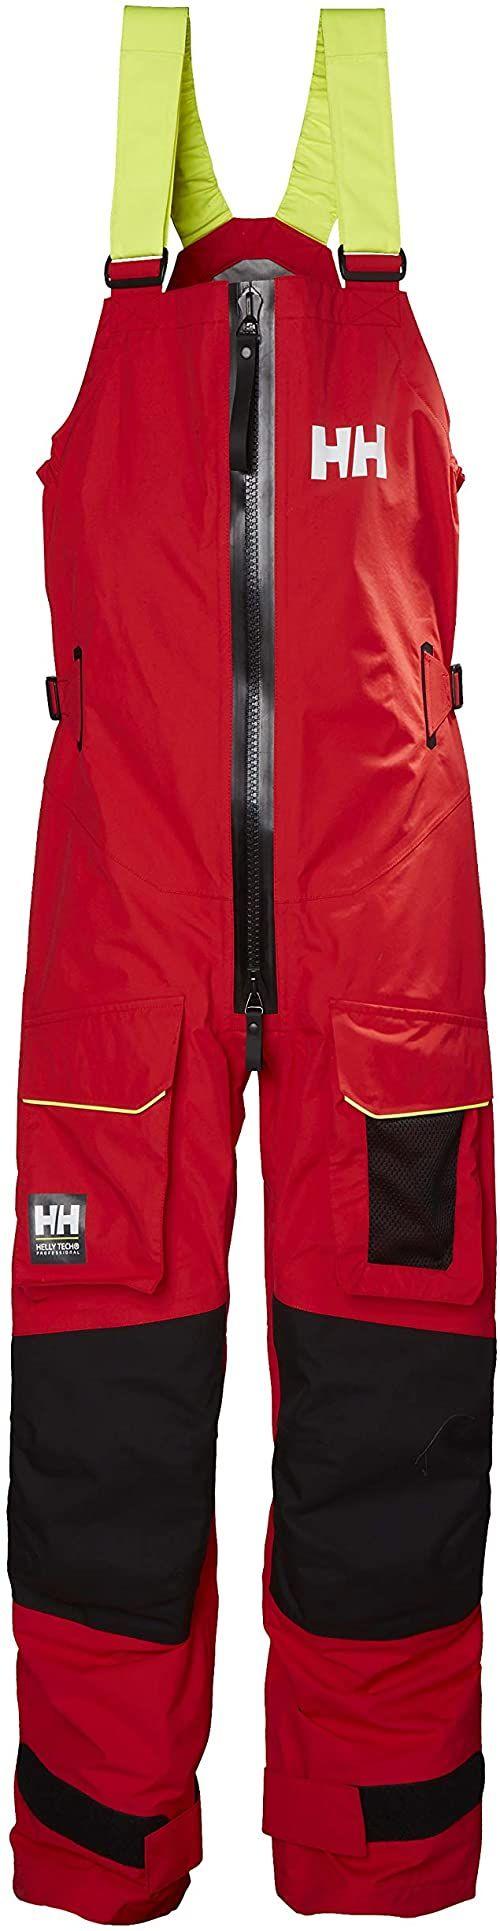 Helly Hansen męskie Aegir Ocean Regenhose spodnie przeciwdeszczowe, czerwone, S